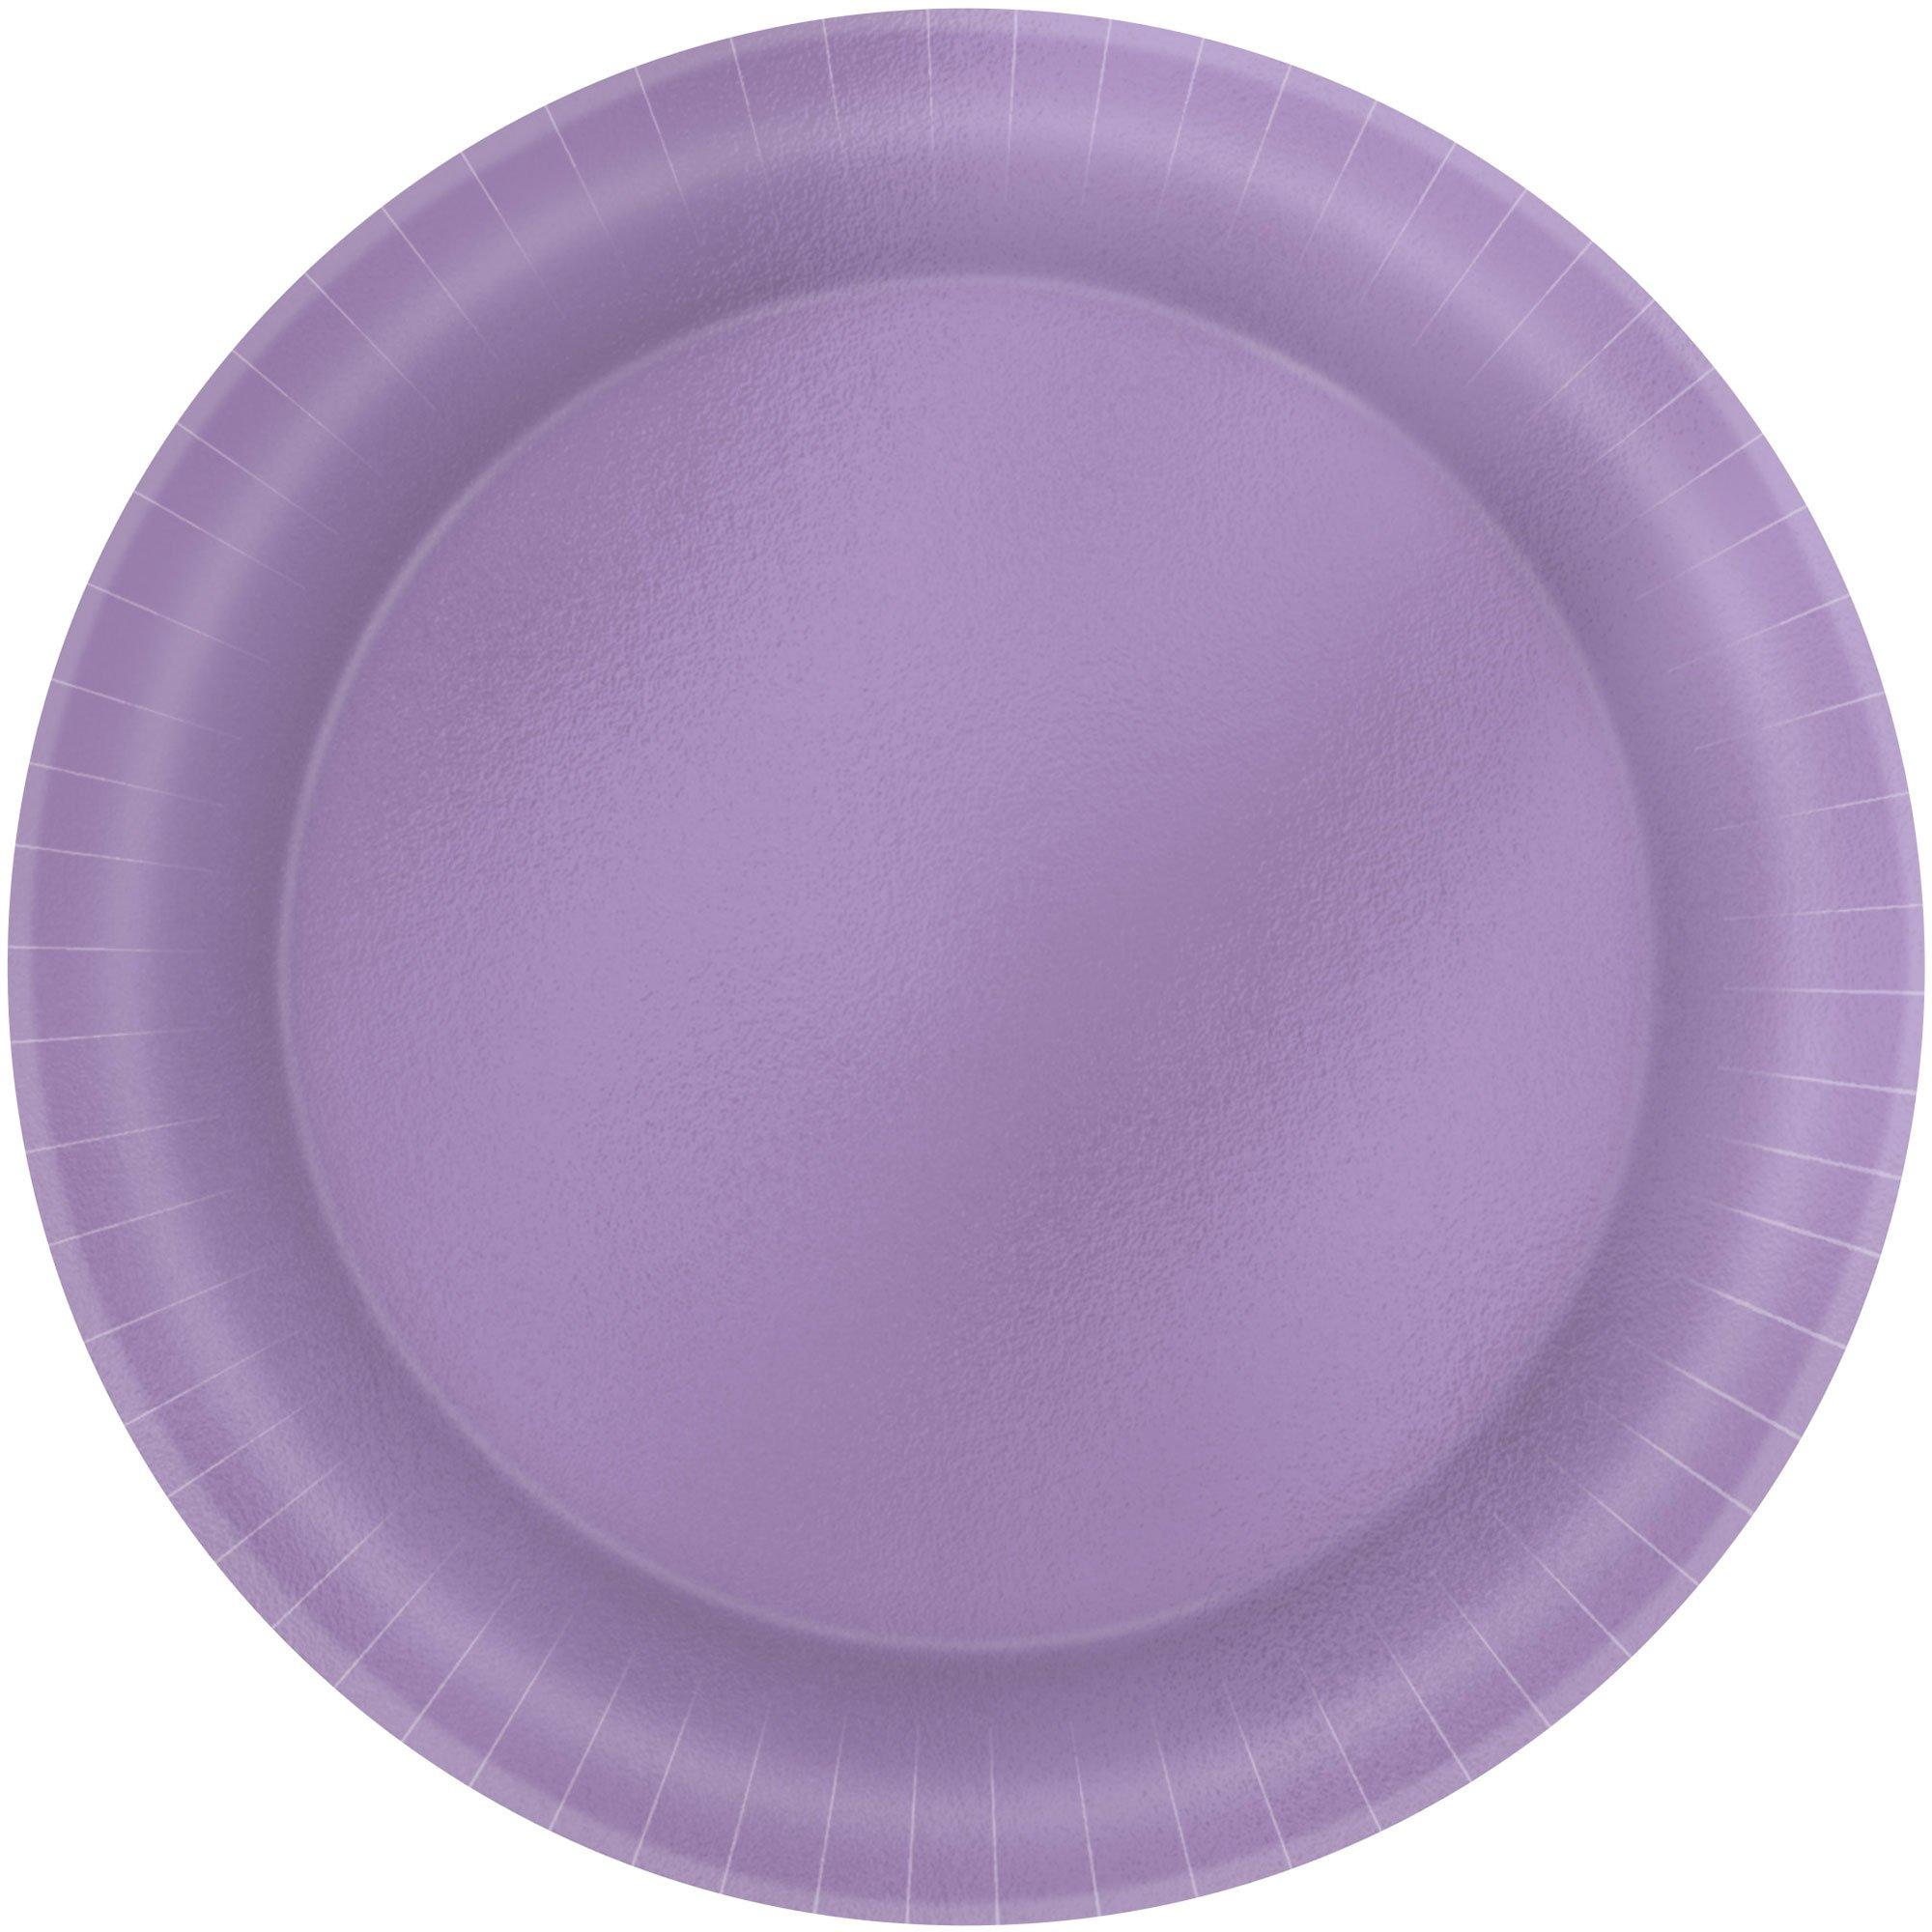 Metallic 17cm Lavender Round Plates